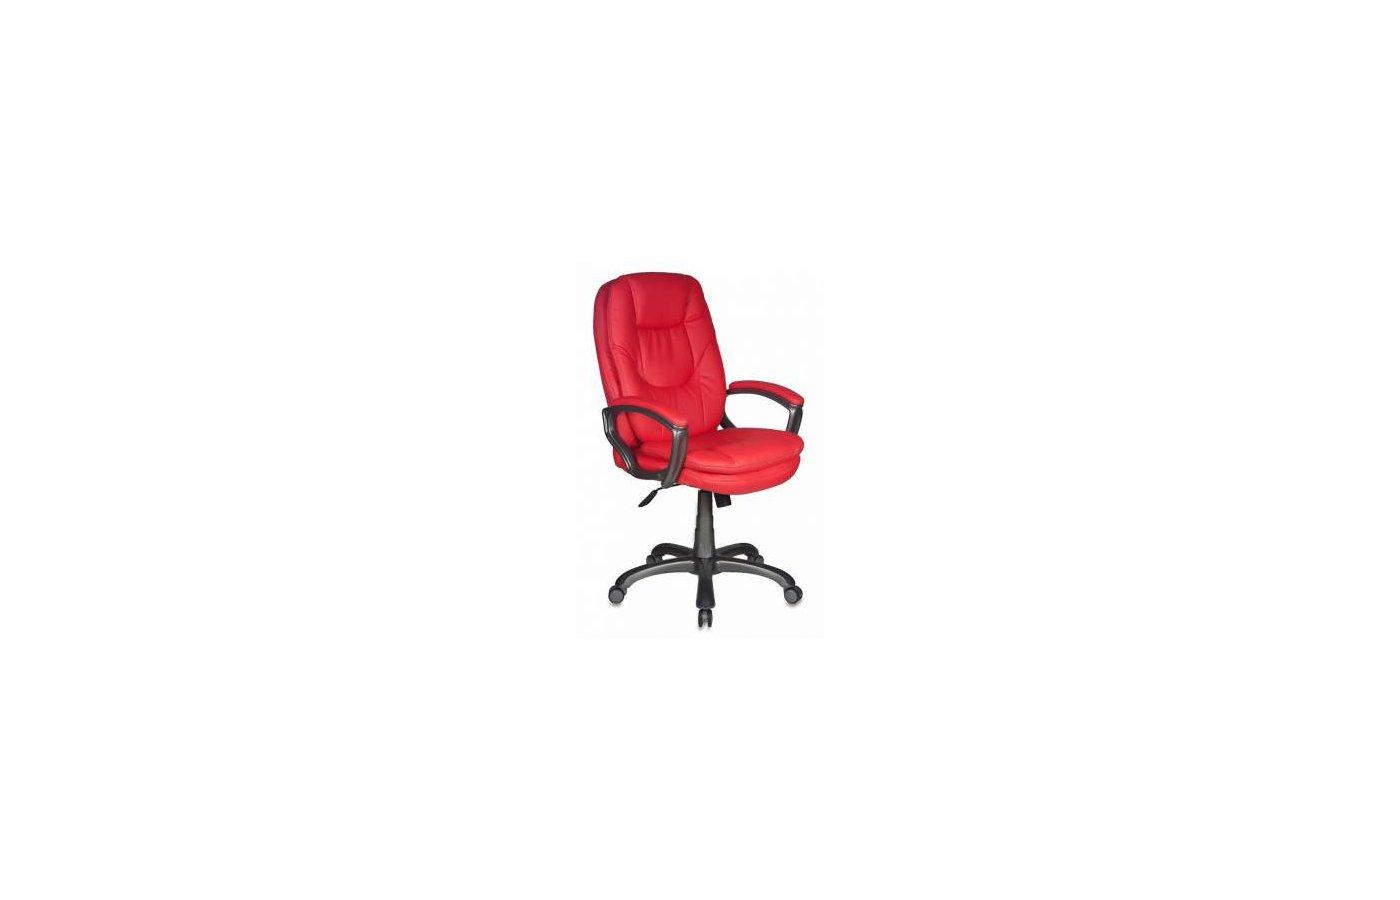 Бюрократ CH-868AXSN/Red красный искусственная кожа (пластик темно-серый)